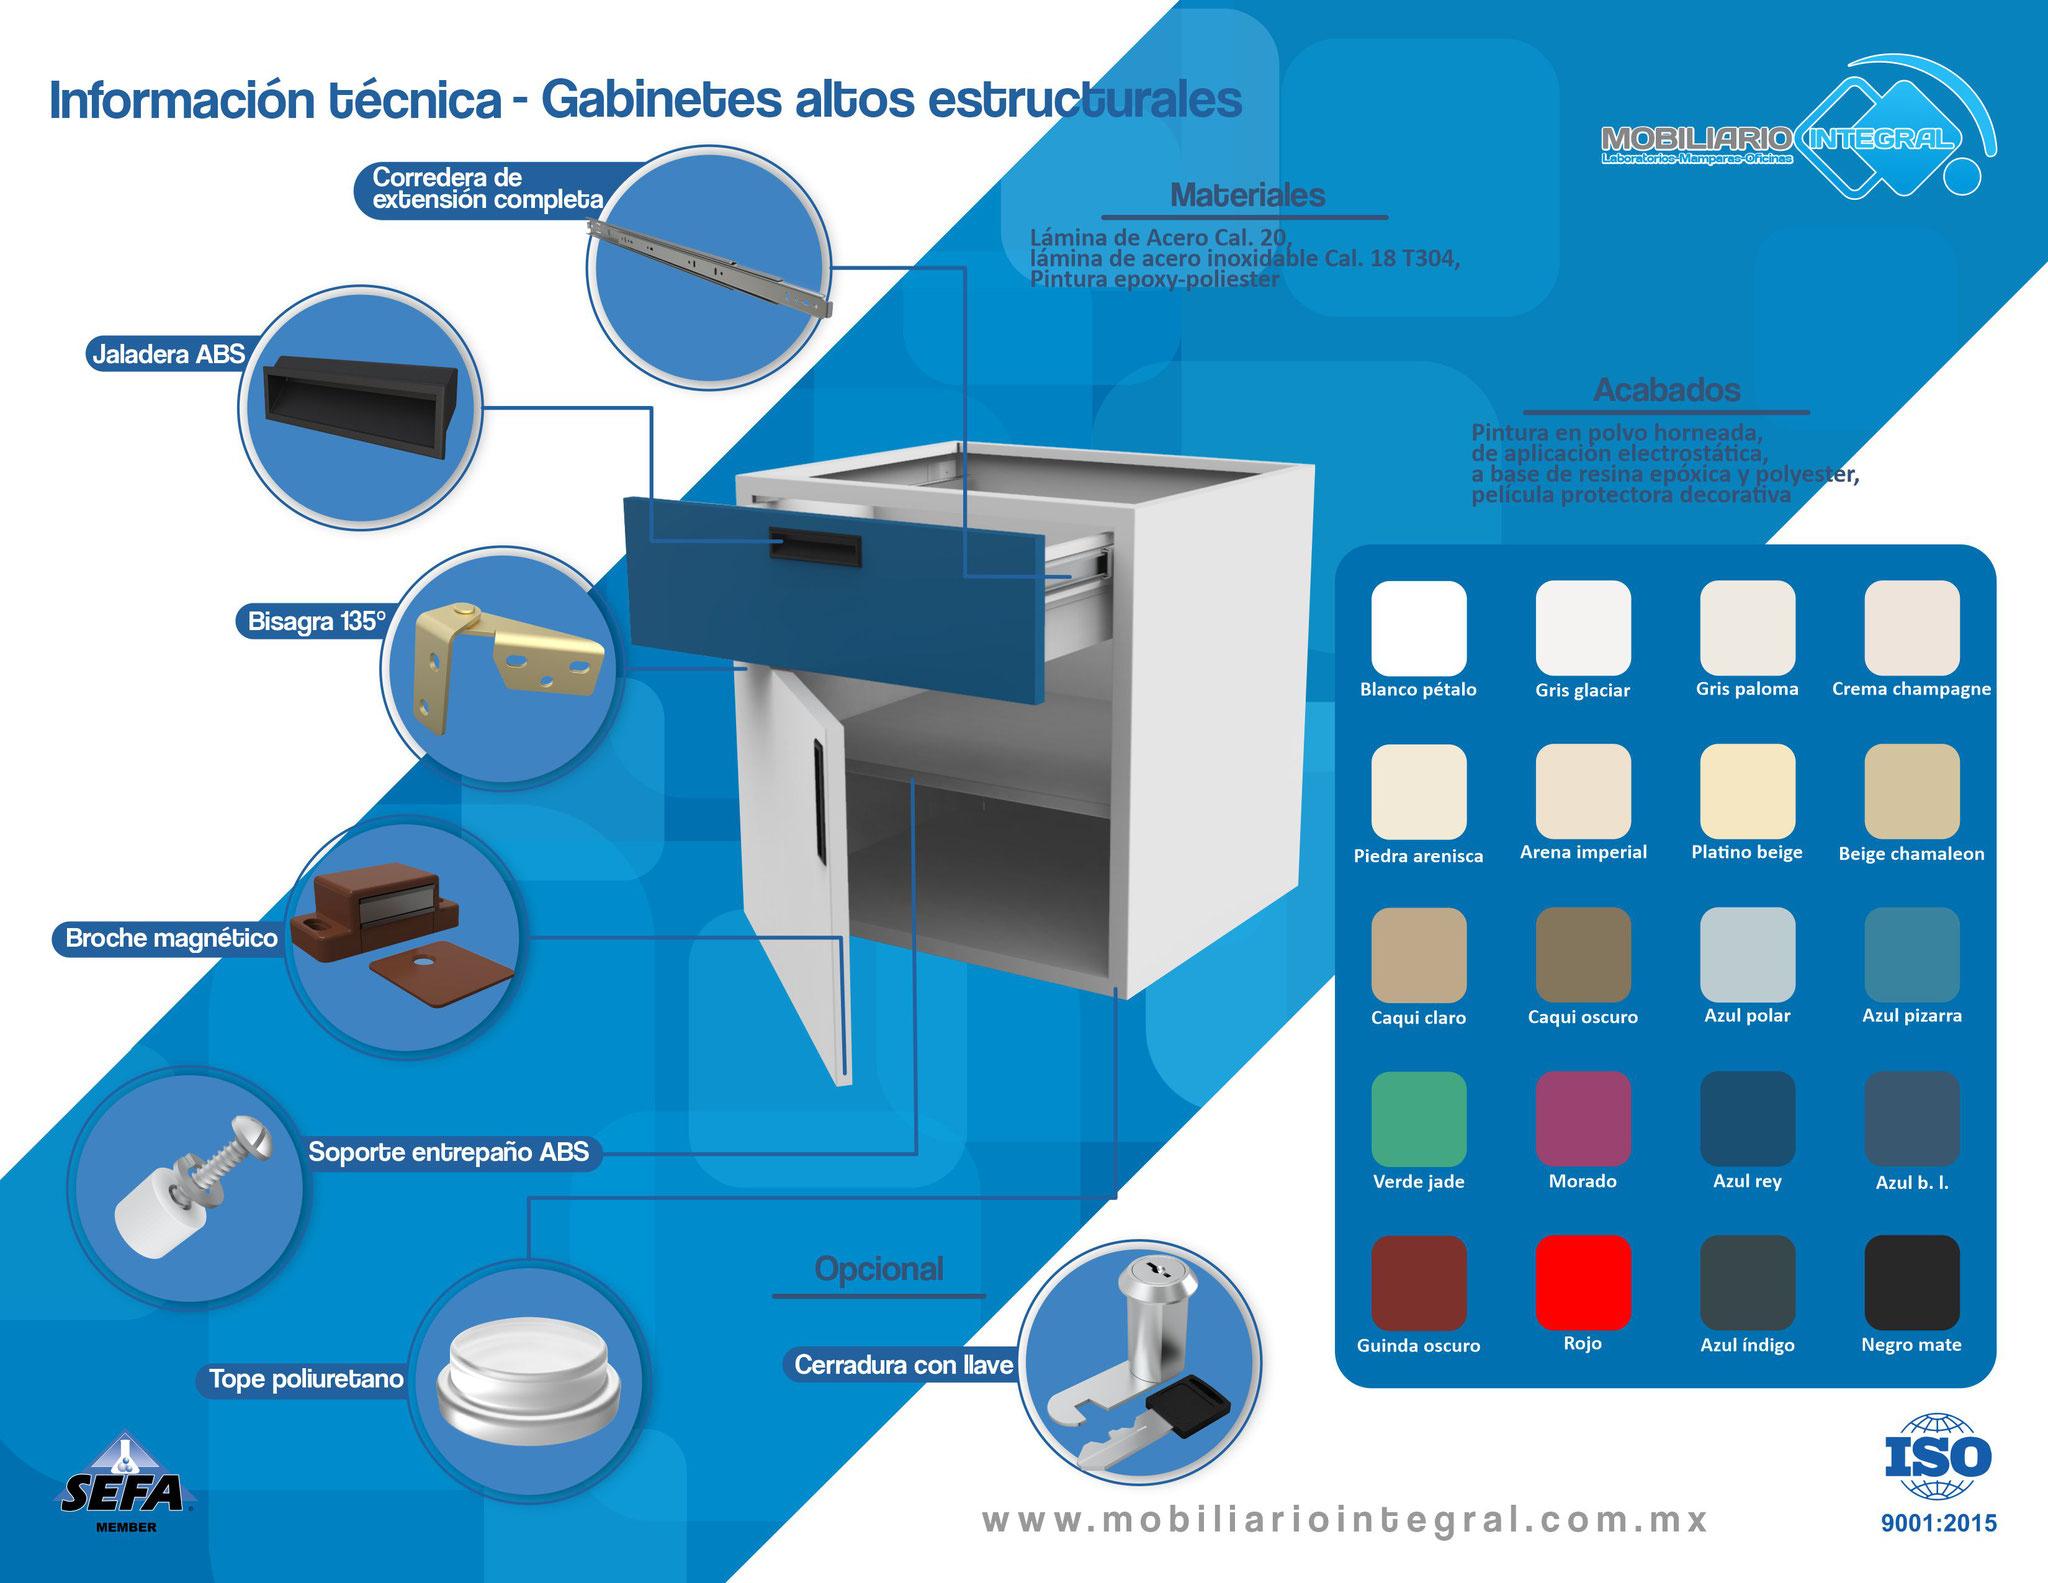 Gabinetes para laboratorio altos estructurales